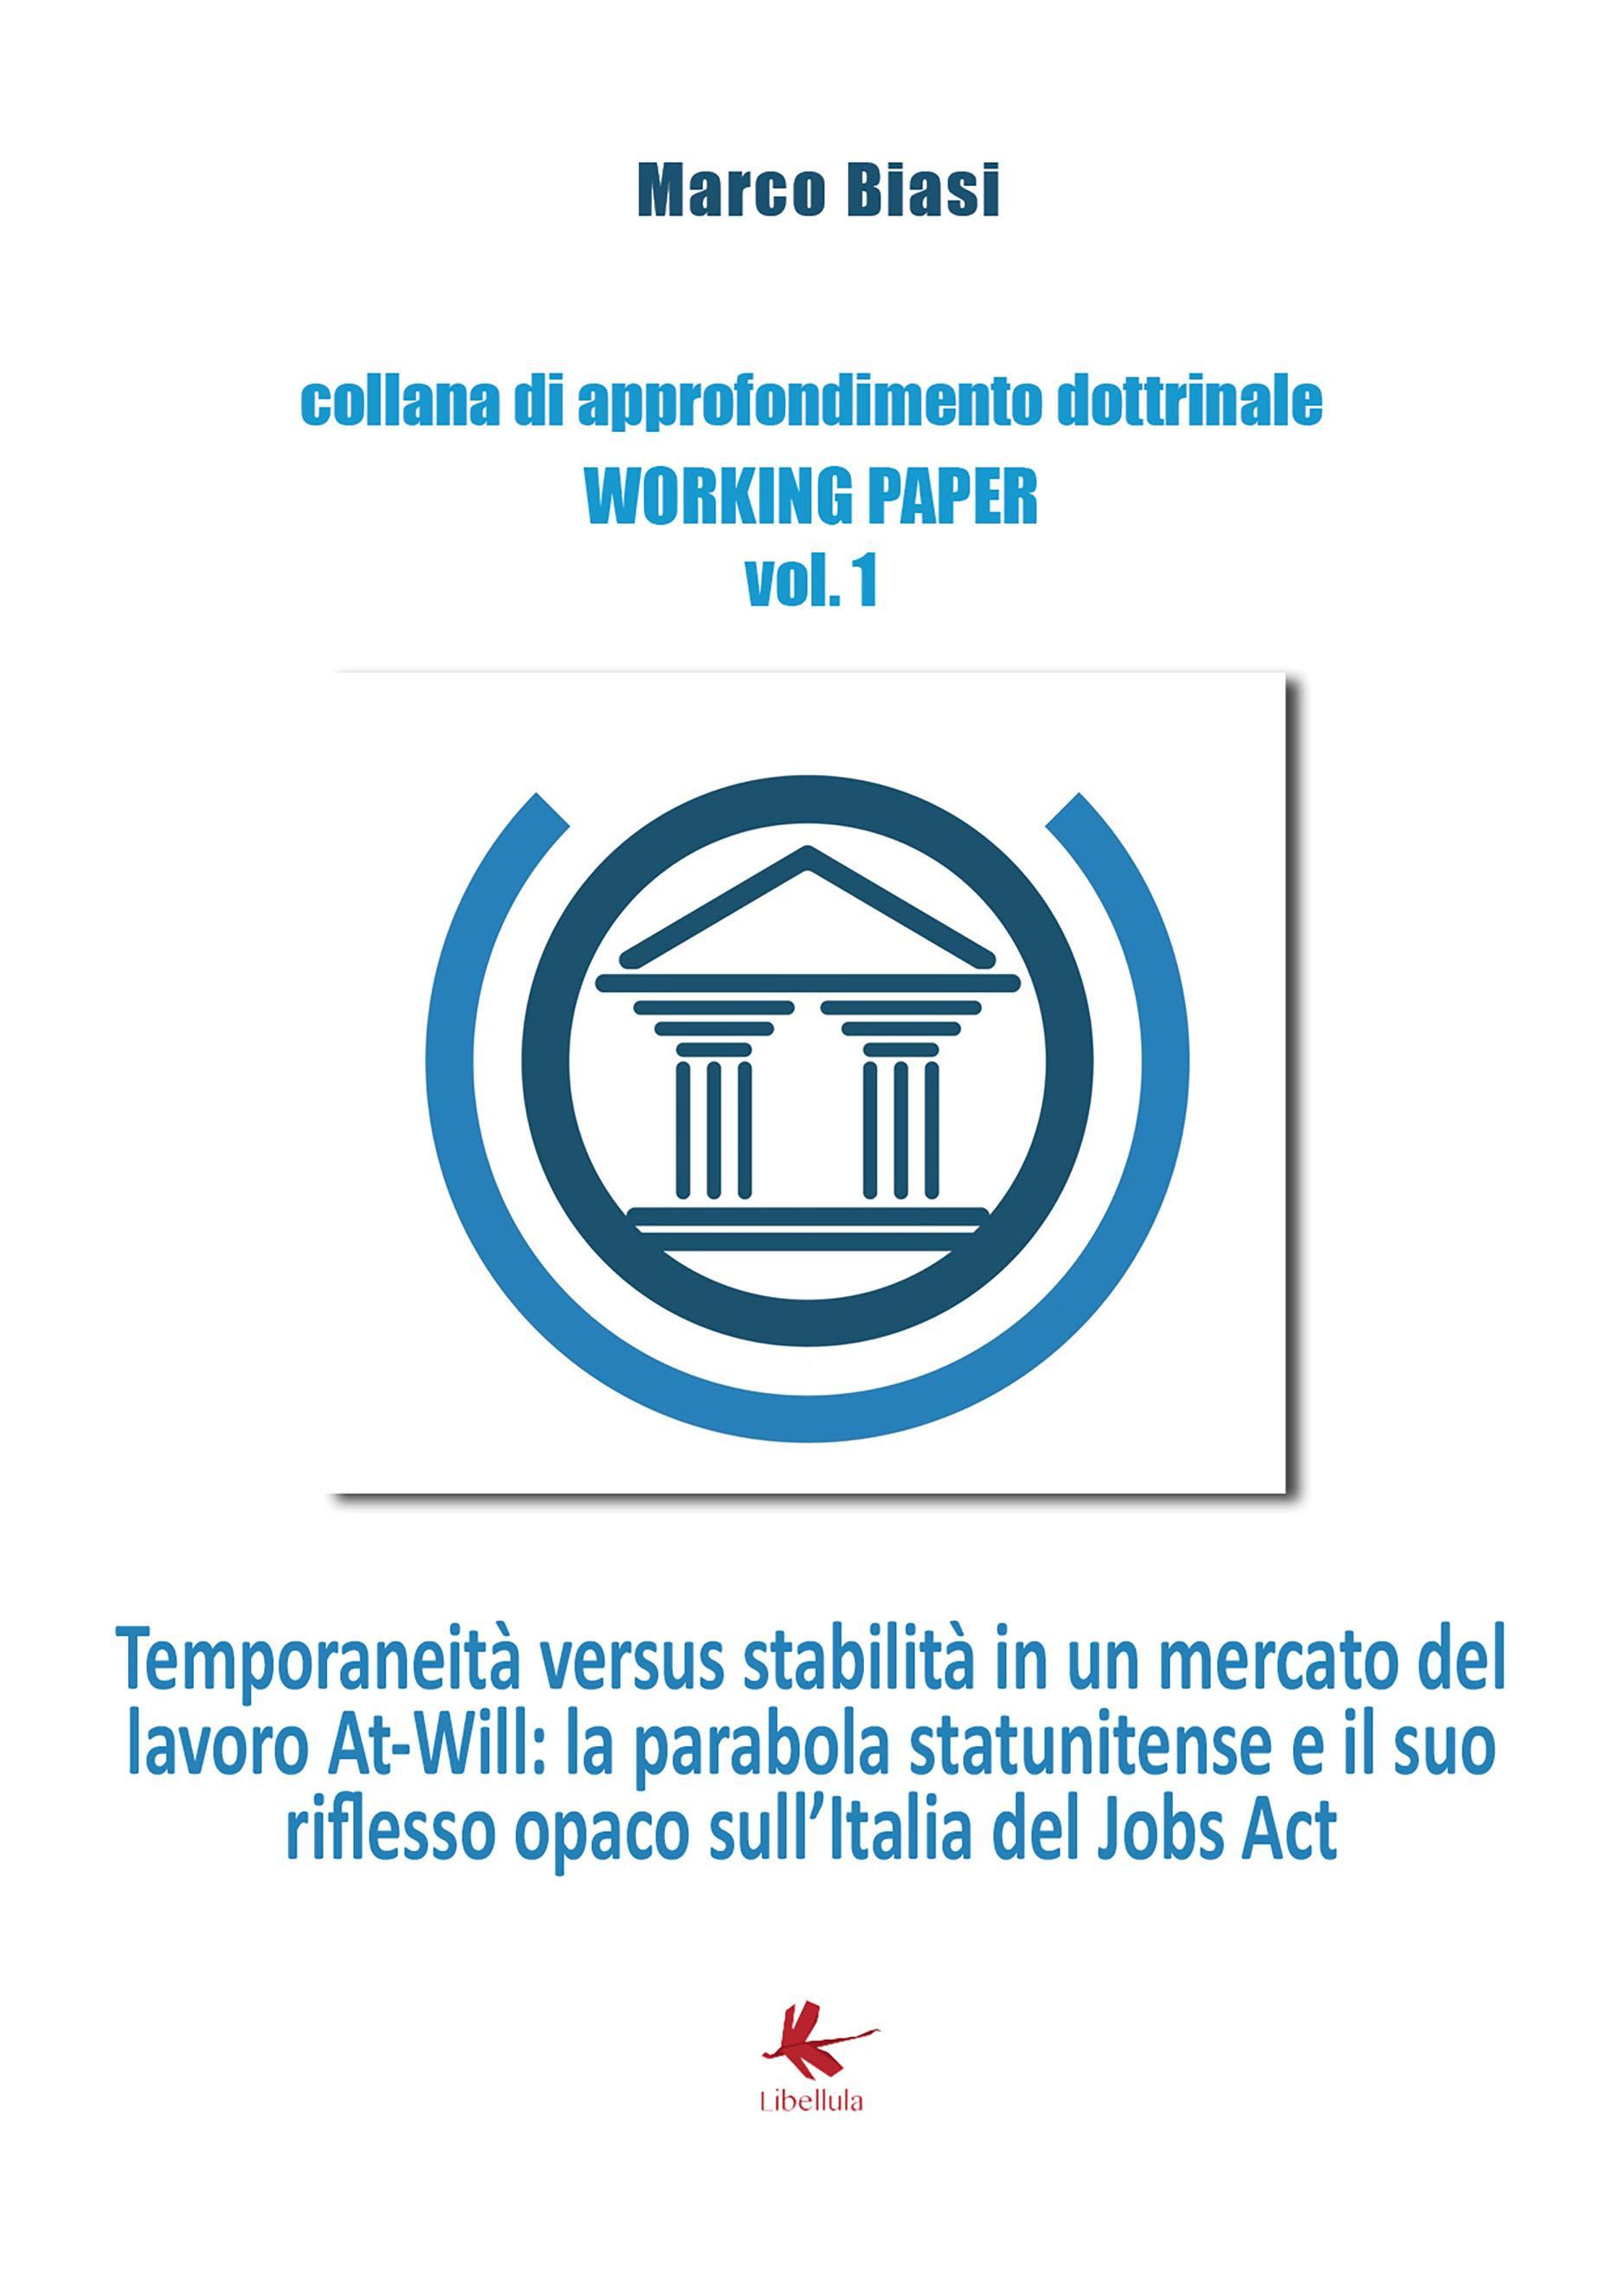 Temporaneità versus stabilità in un mercato del lavoro At-Will: la parabola statunitense e il suo riflesso opaco sull'Italia del Jobs Act